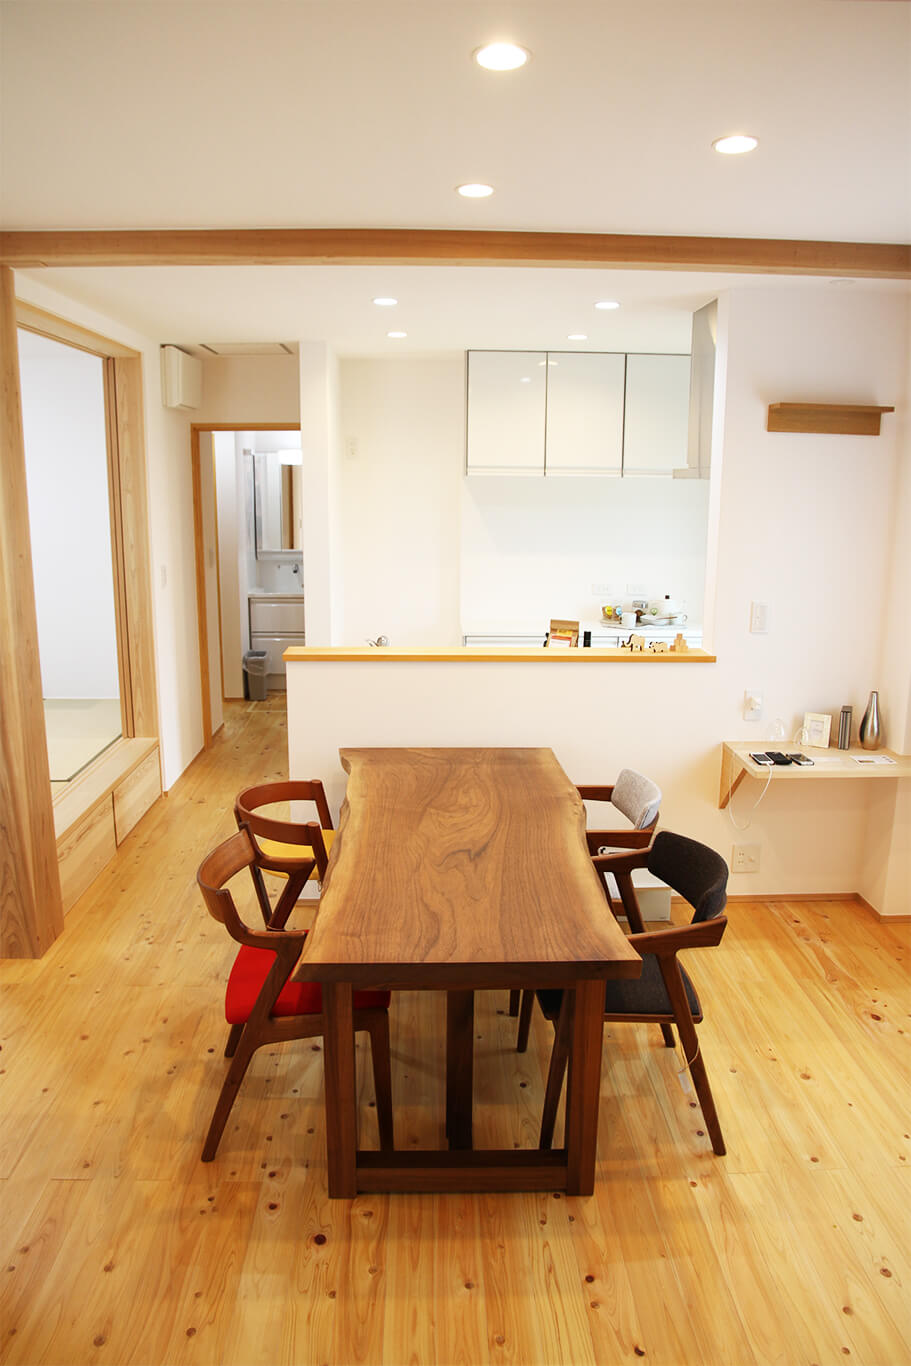 ウェルネストホーム九州 デザイン集 糸島市F様邸 リビング01